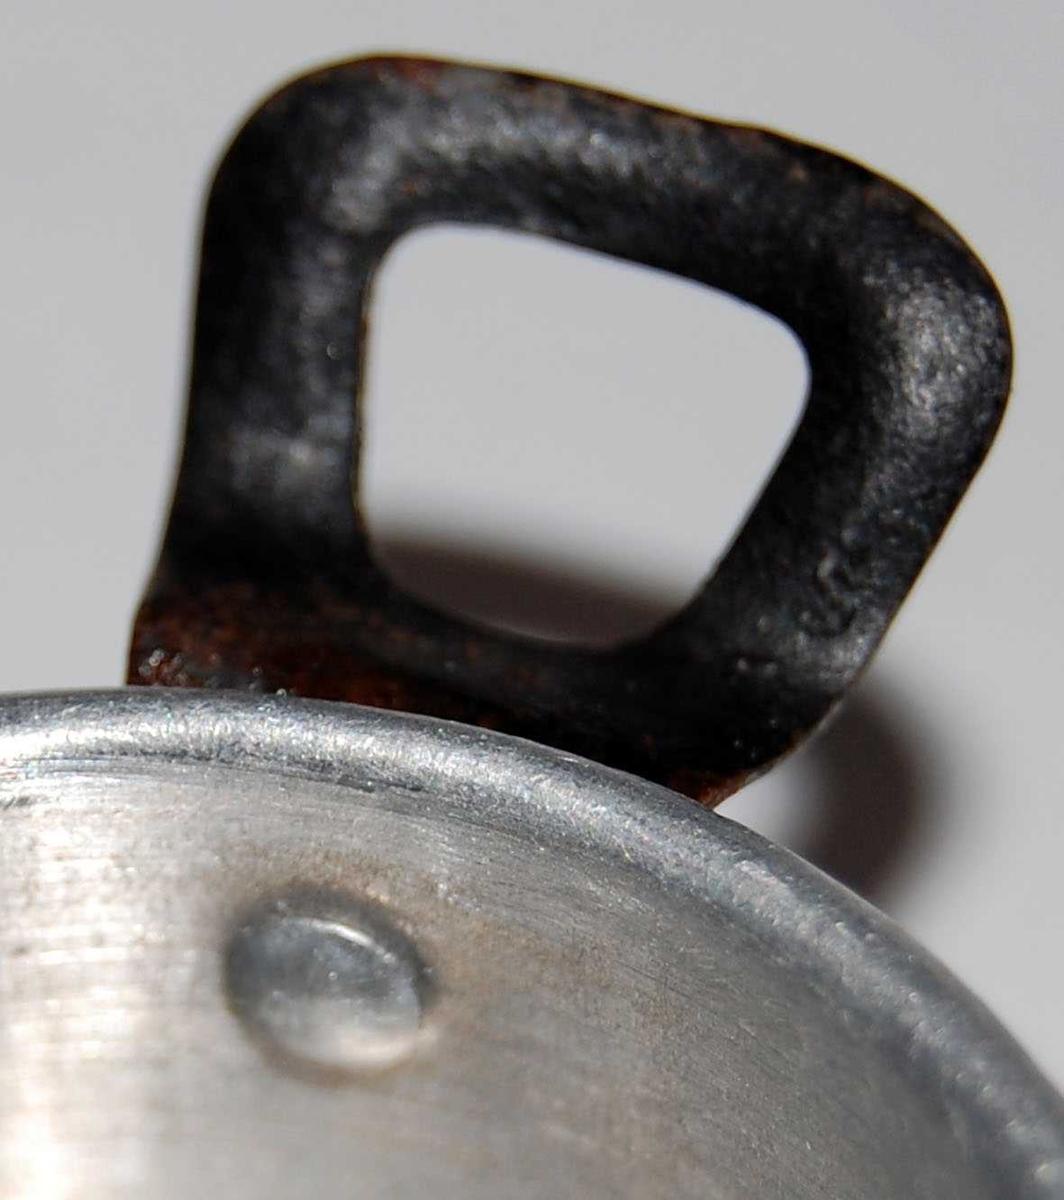 Dukkekjelesett i alumnium med påklinkete hanker i svartlakkert stål. A en kasserolle med lang hank. B og C gryter med ører. Grytene har falset kant.